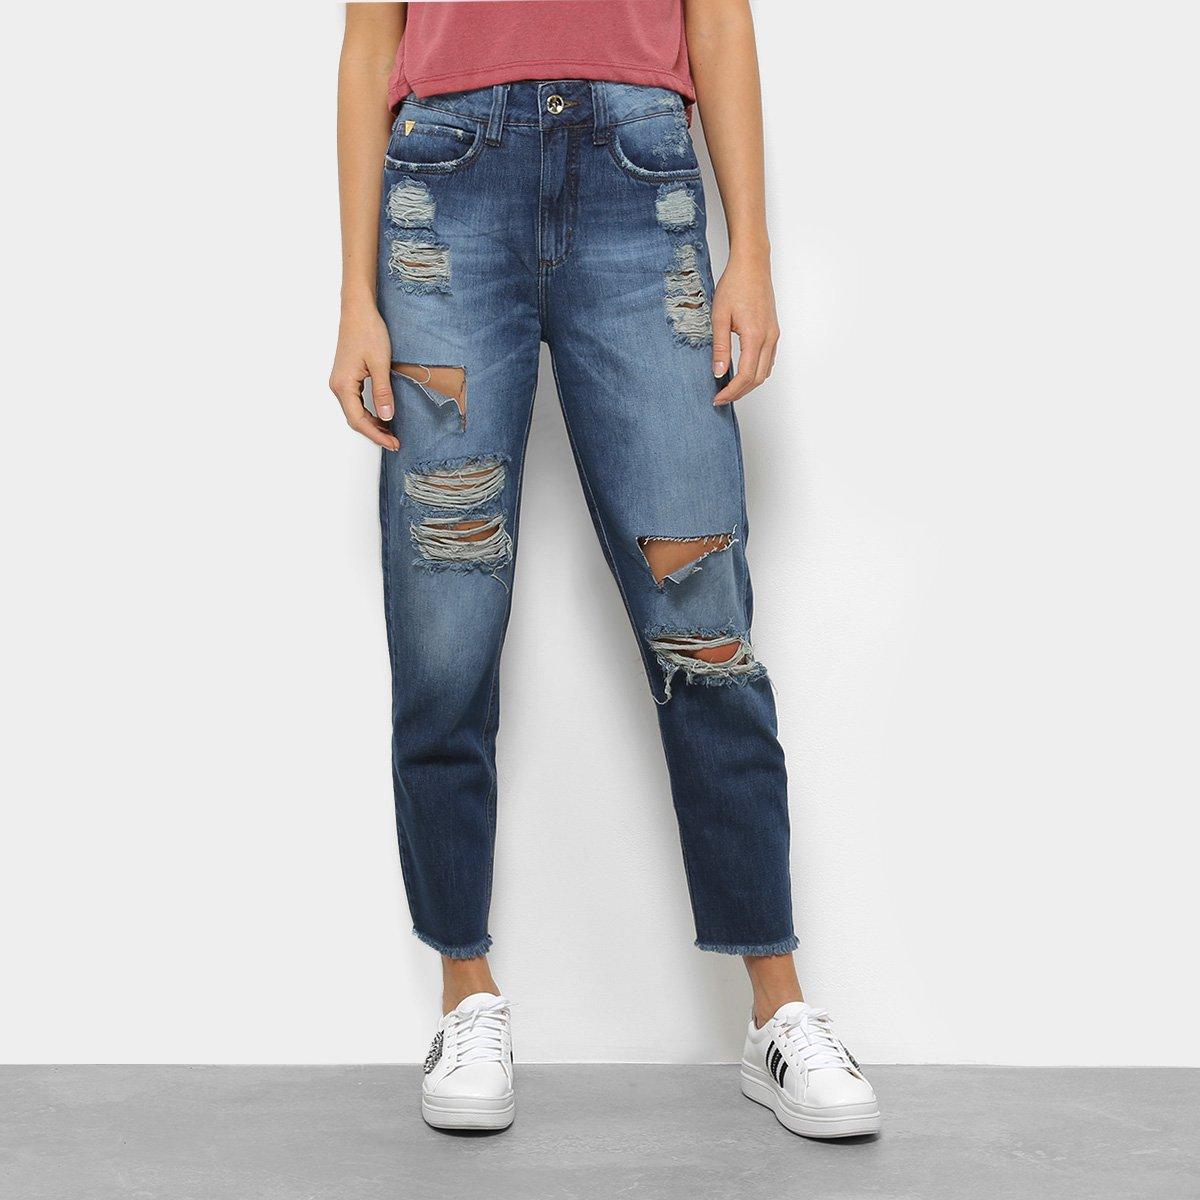 18a901452 Calça Jeans Colcci Reta Rasgada Suki Feminina